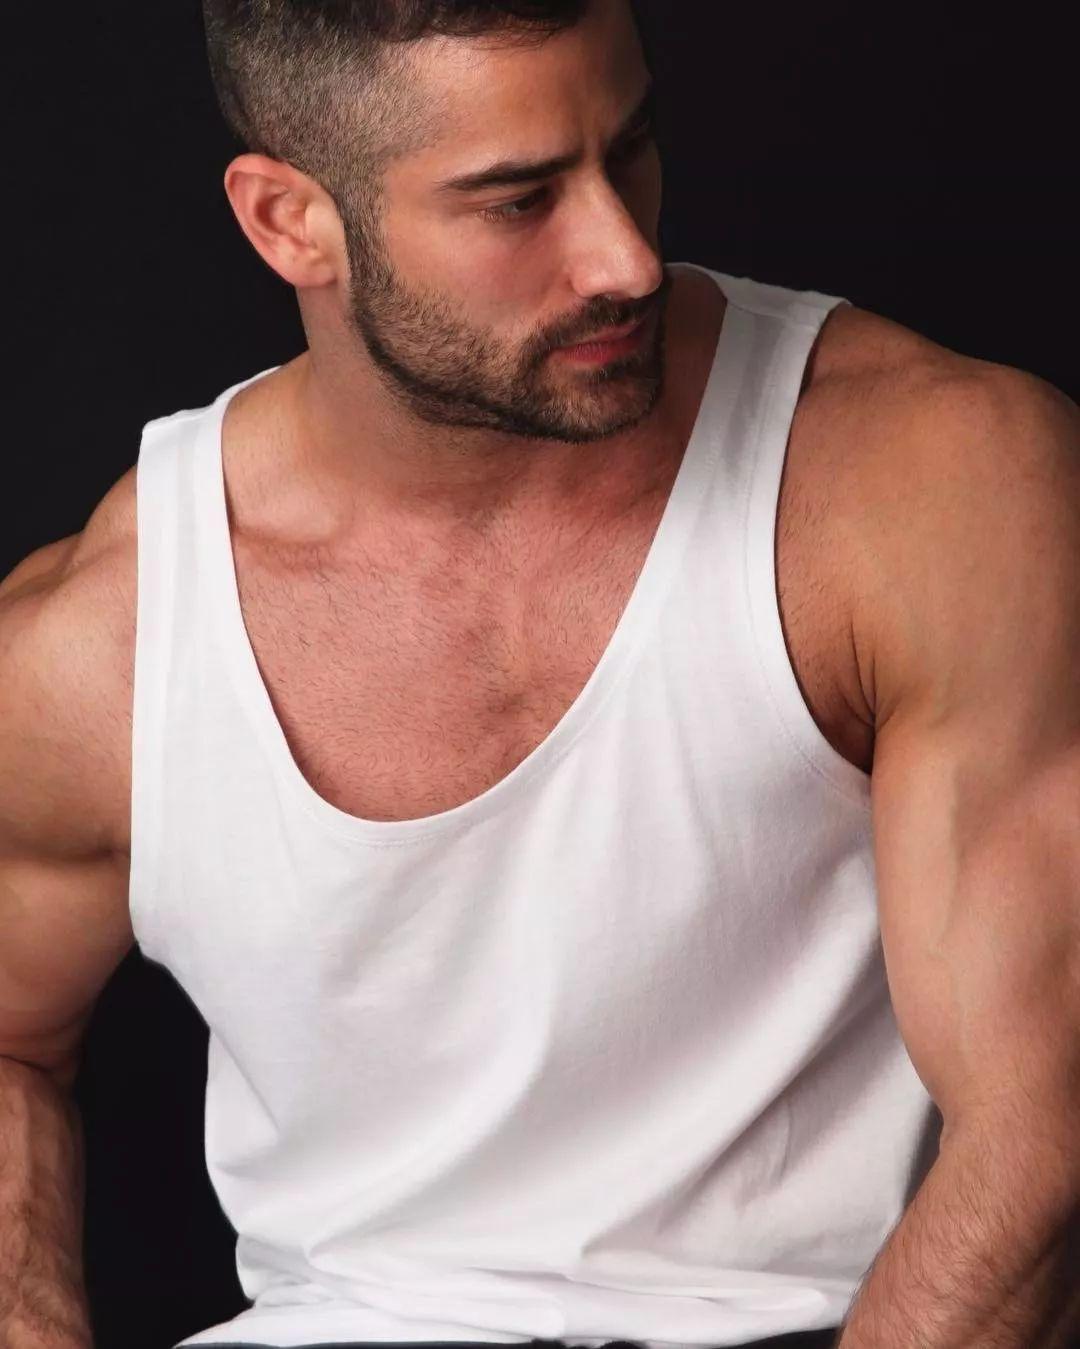 2018082109523570 - 国民老公级别西班牙男模:Jonathan Guijarro